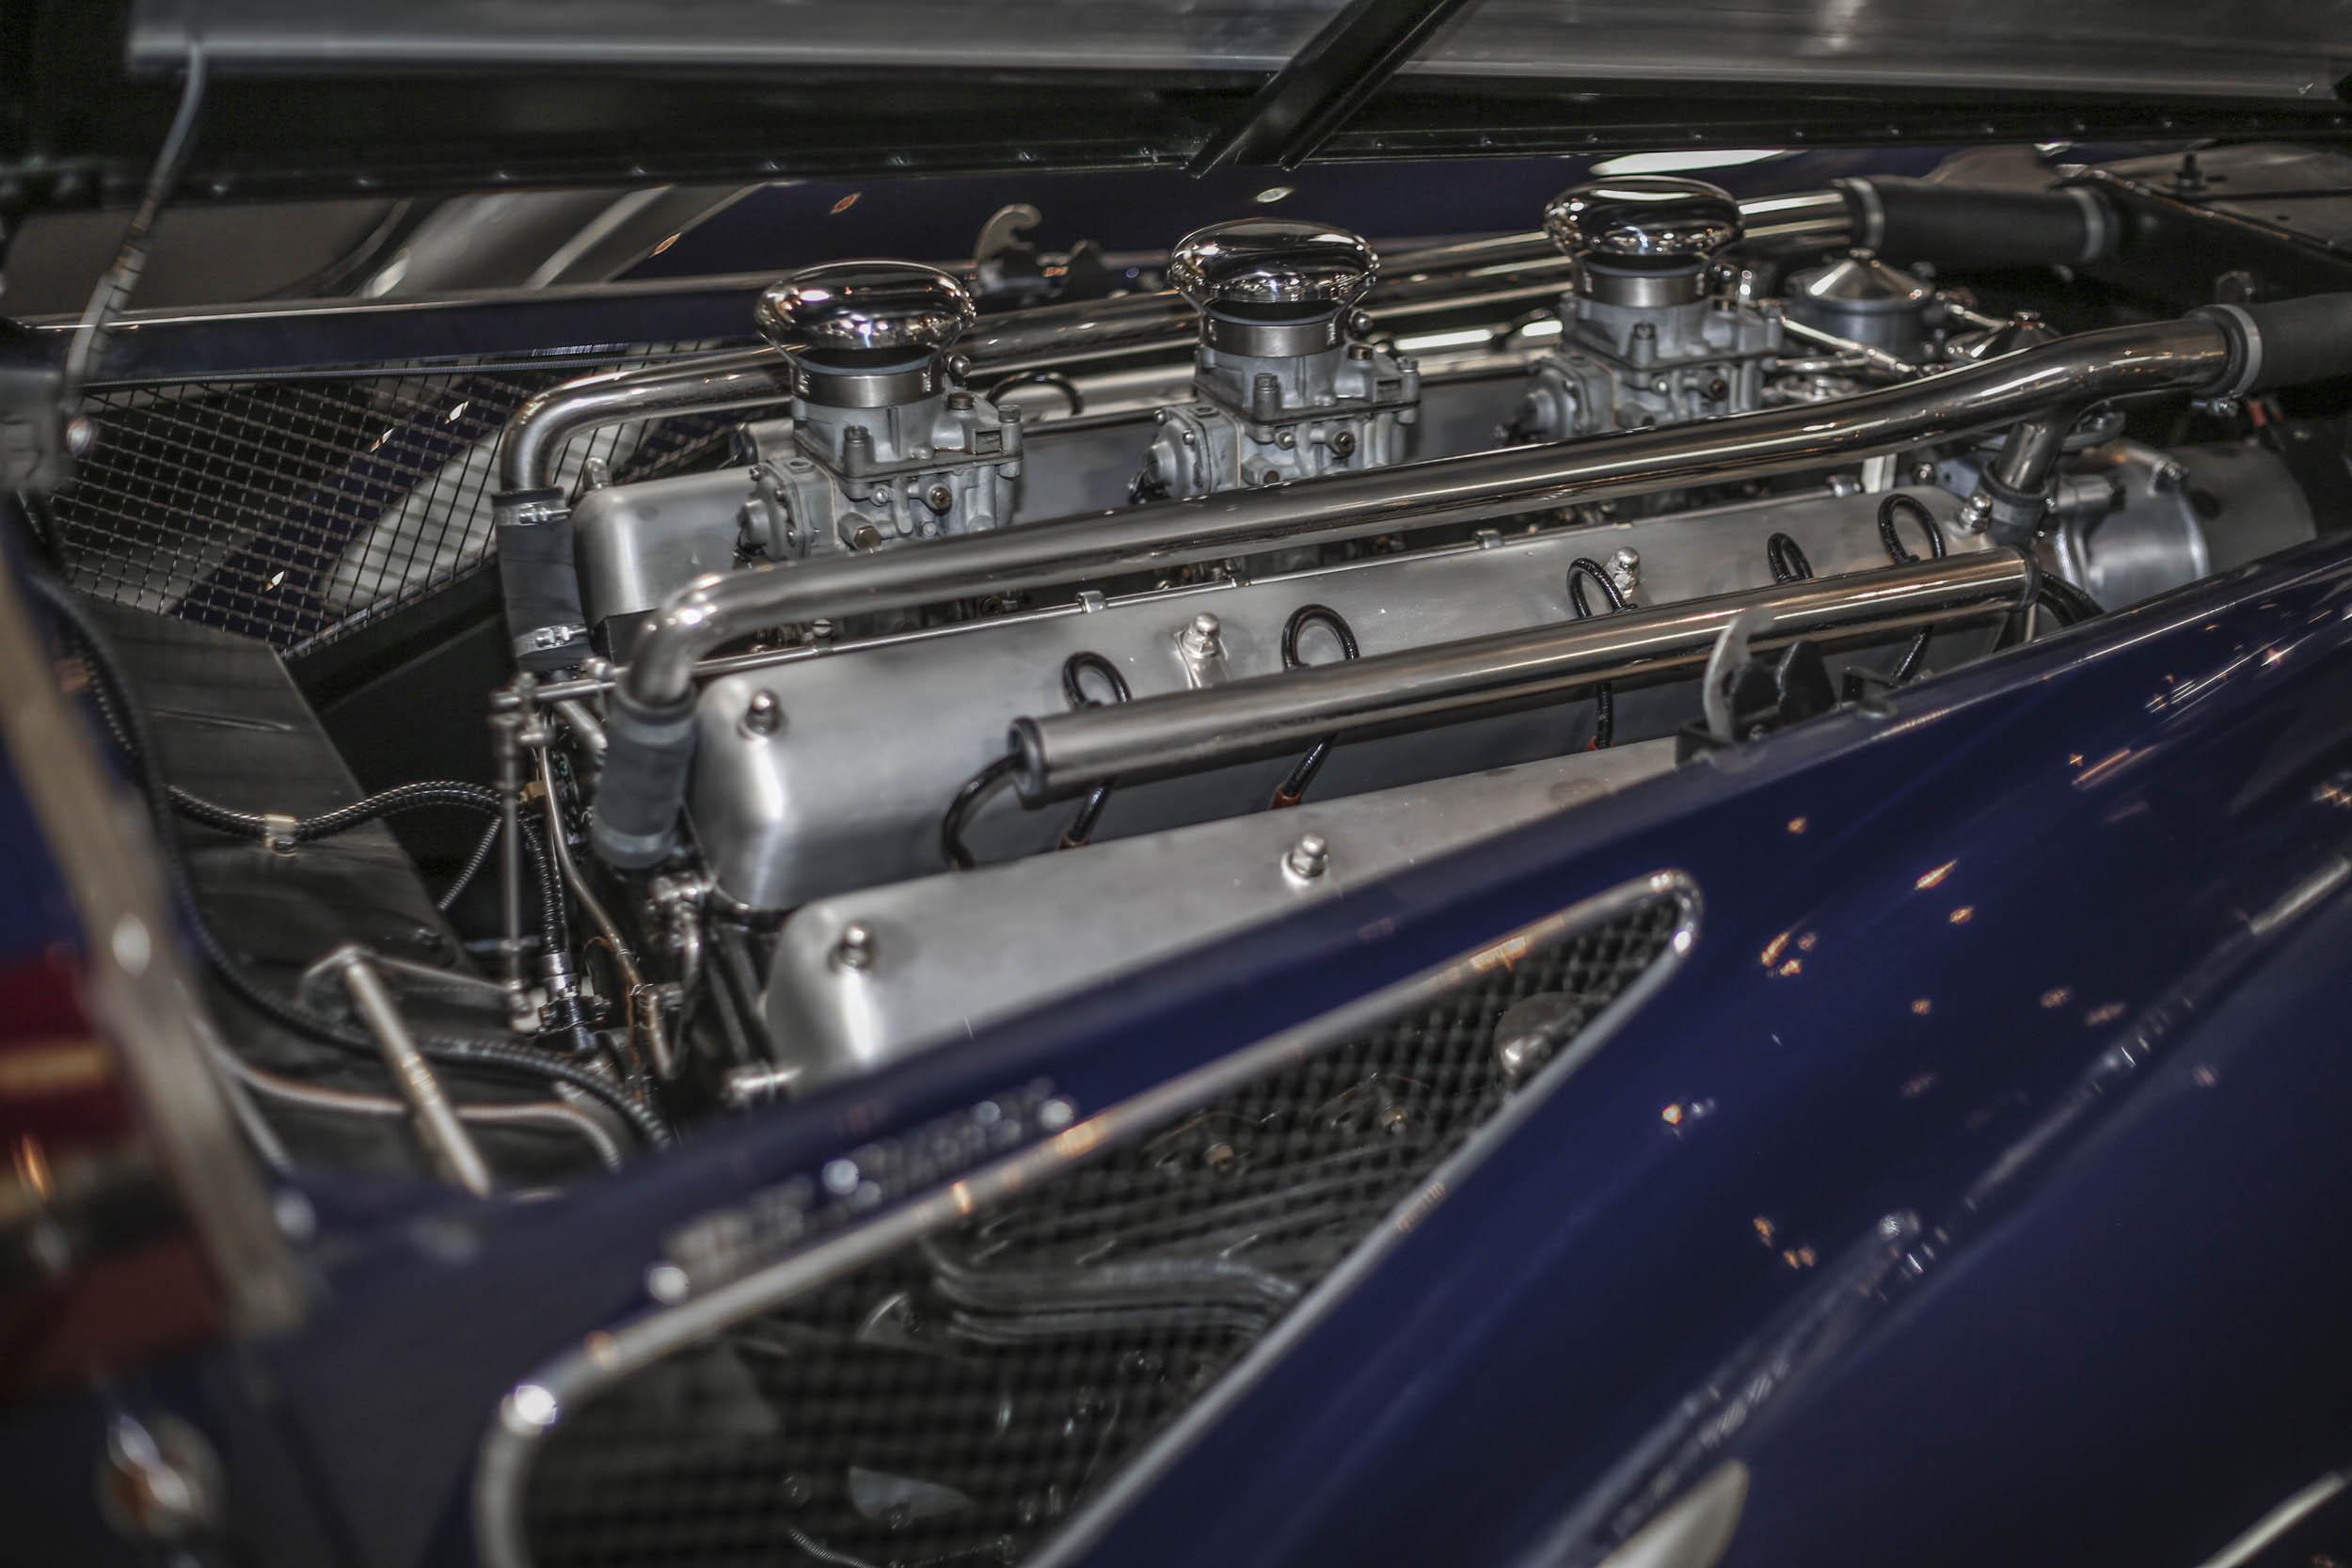 1937 Delahaye 4.5-liter V-12 engine